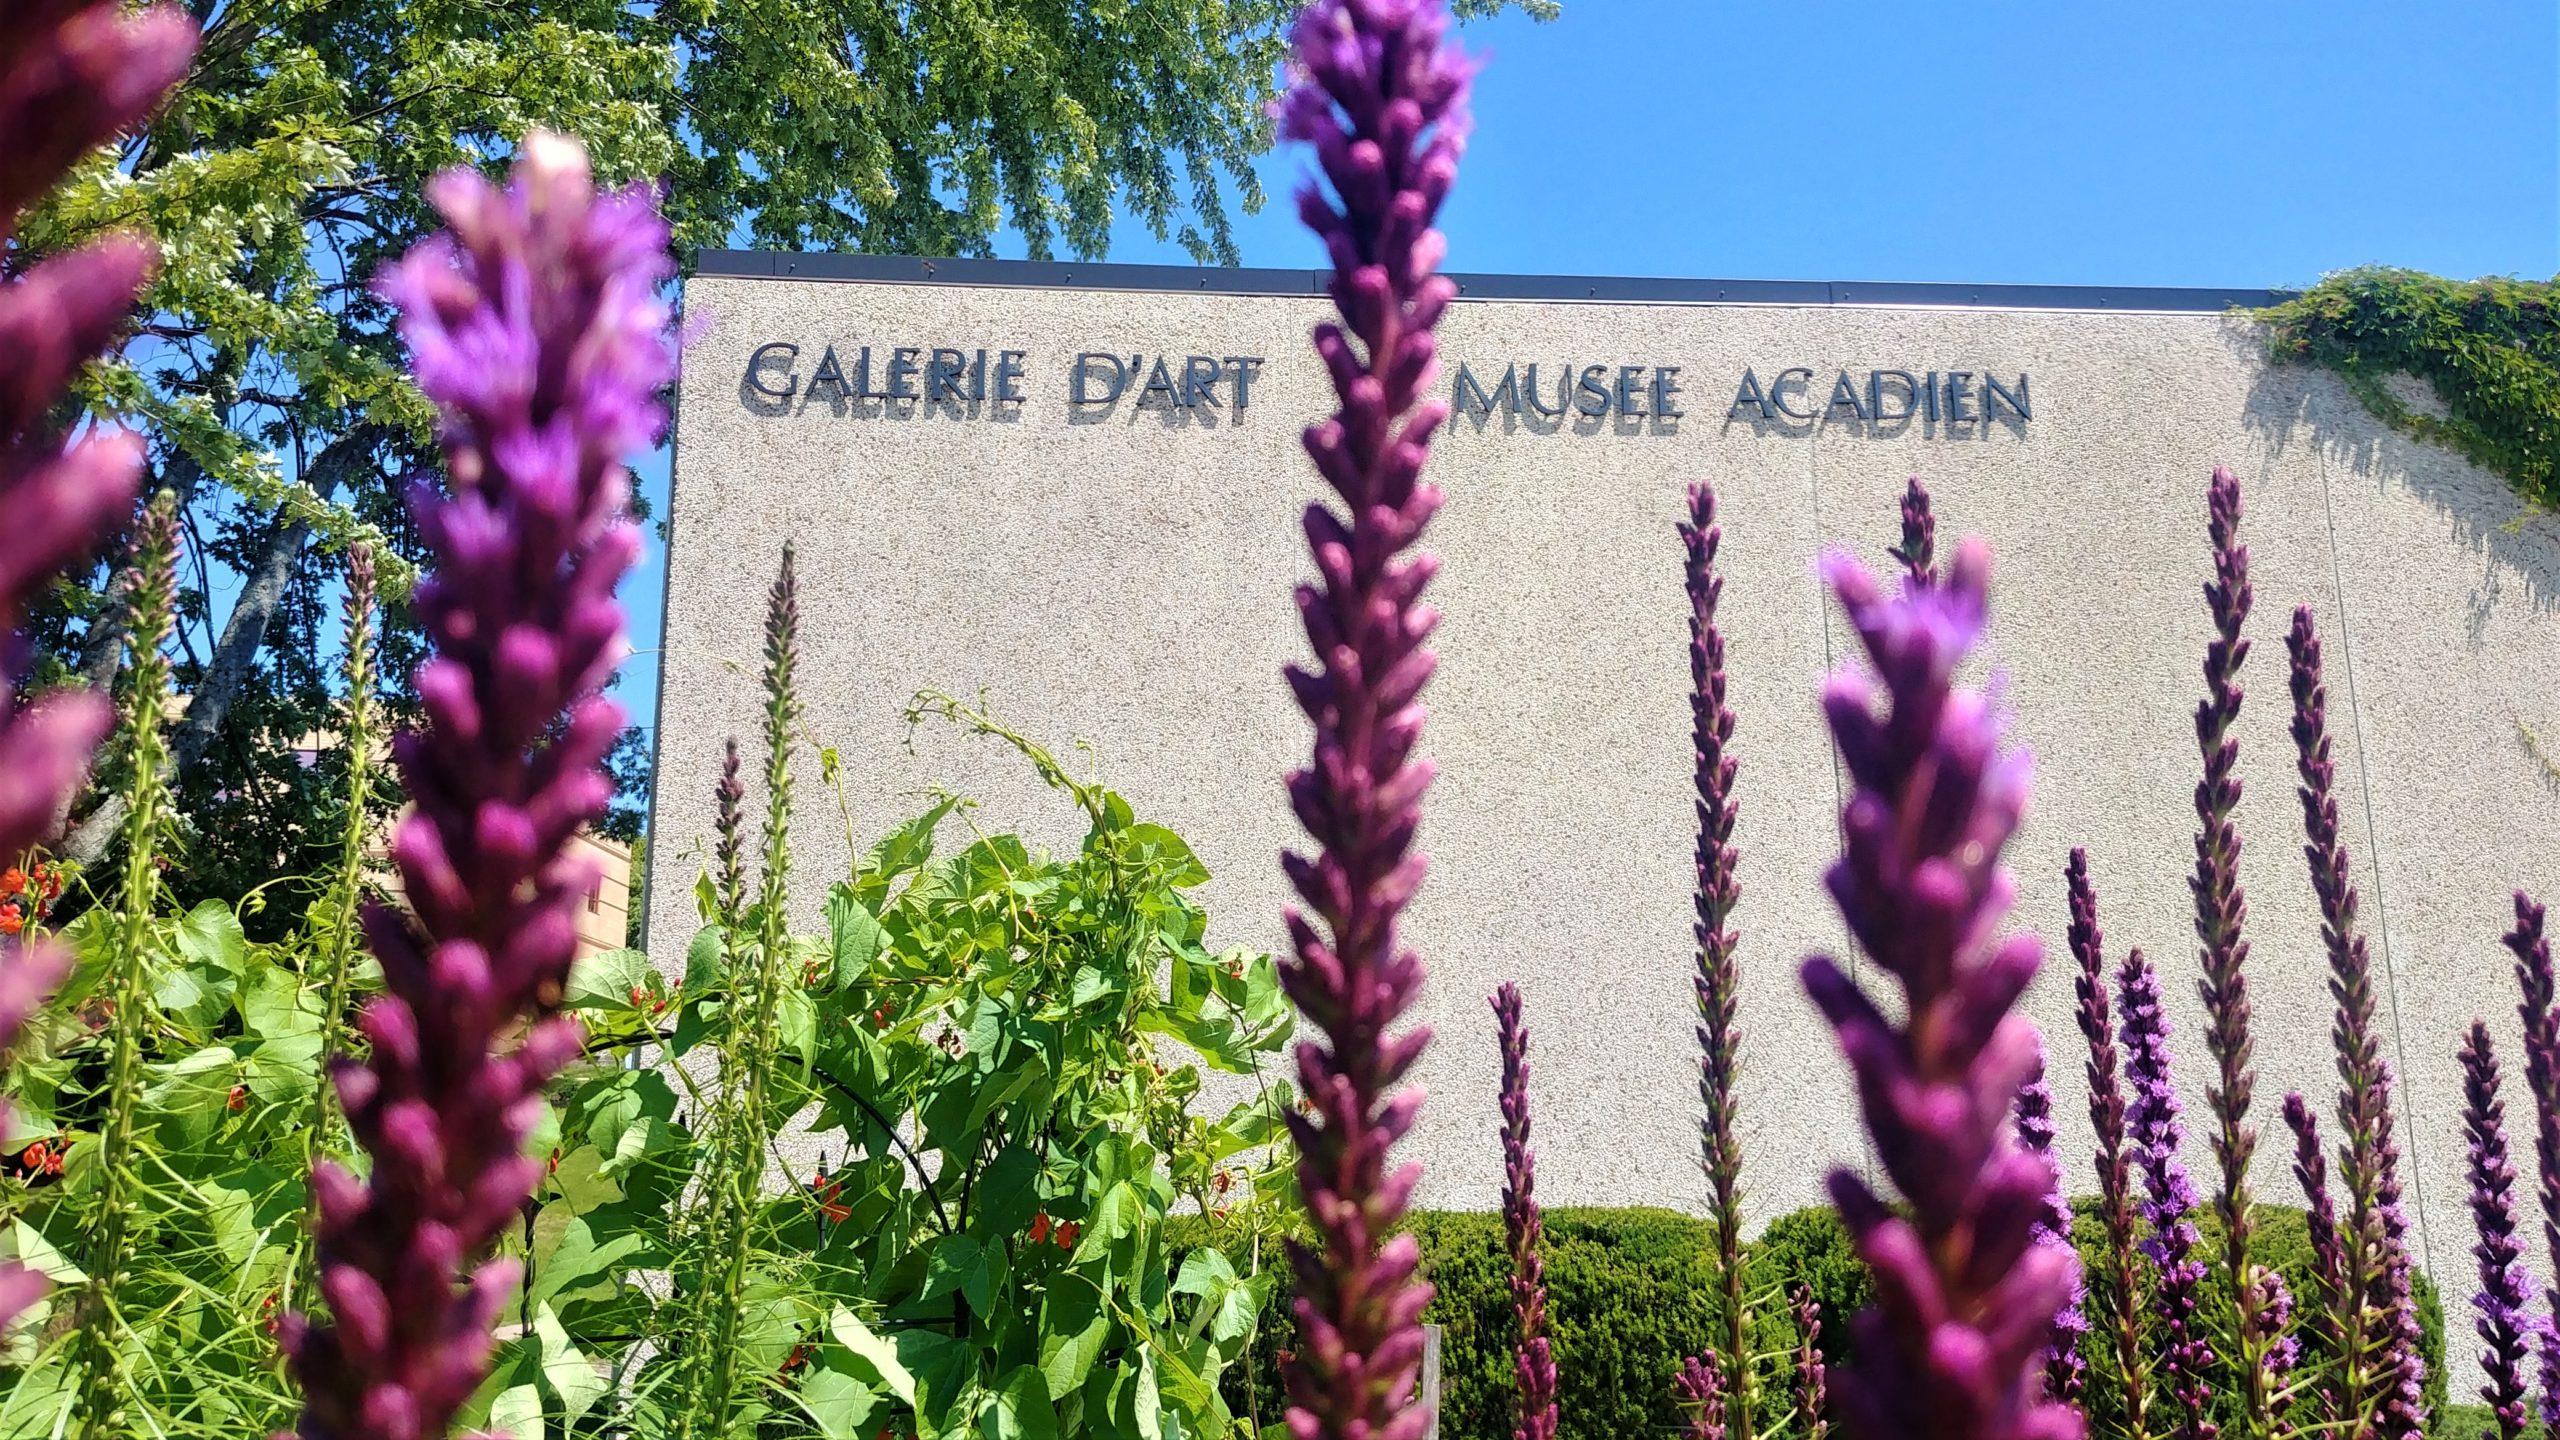 Musée acadien université Moncton infos pratiques